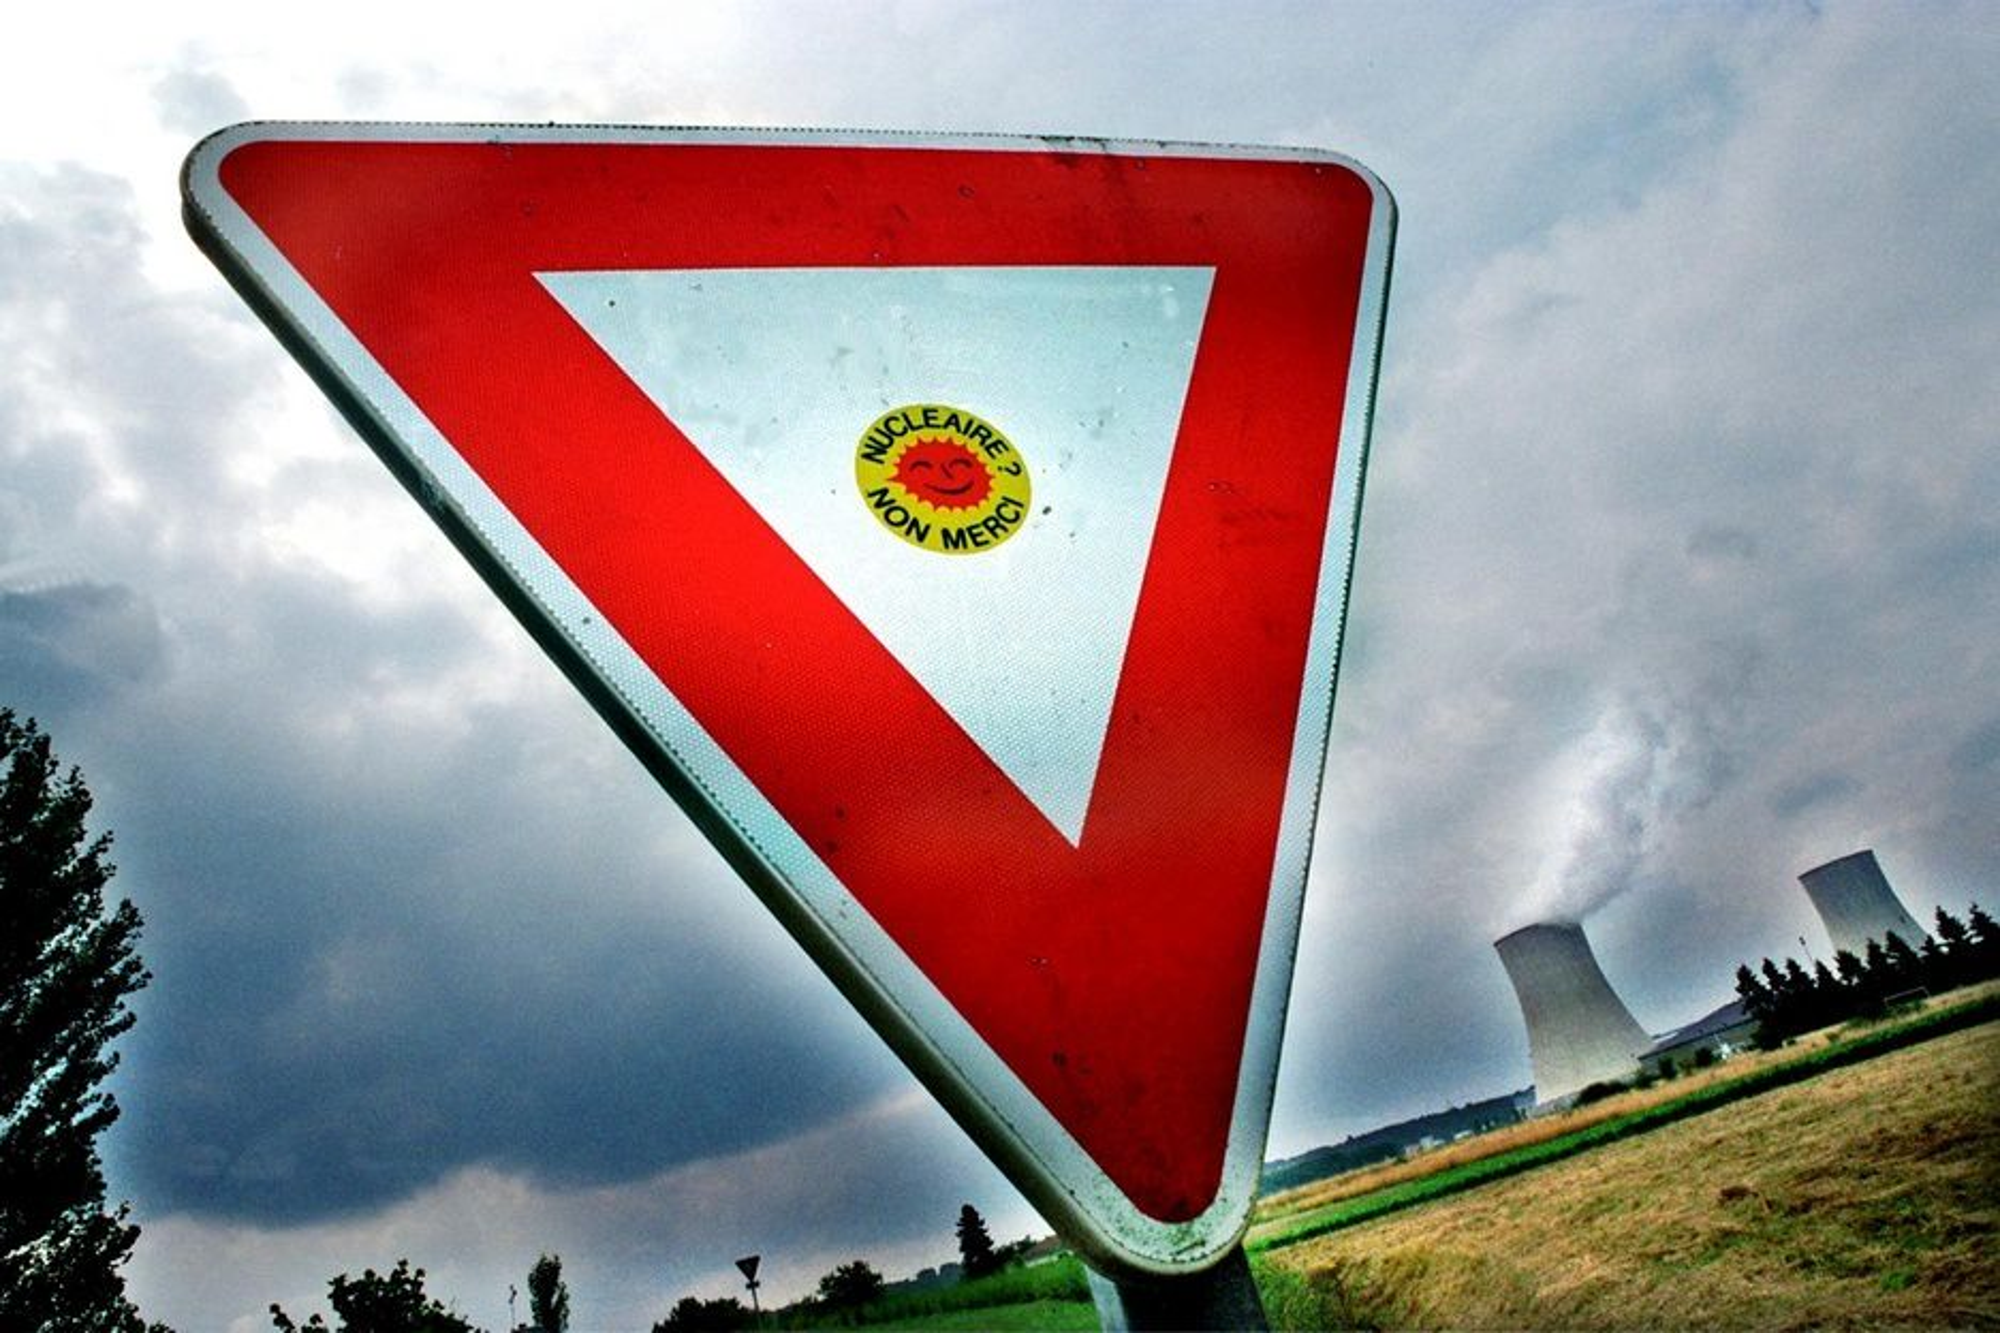 Bruk thorium, er den klare beskjeden fra tre selskaper til finske myndigheter.